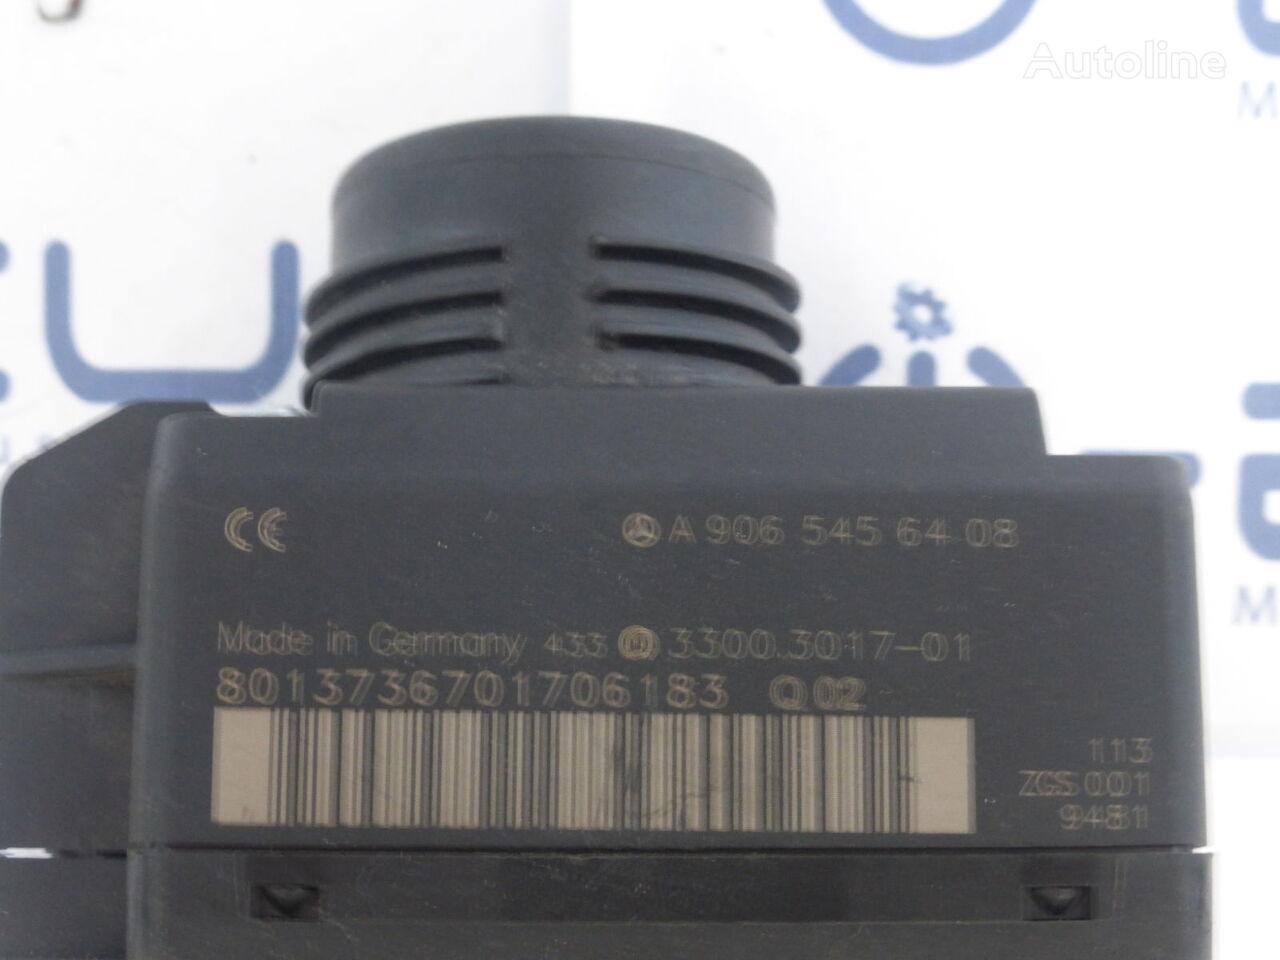 блок управления MERCEDES-BENZ A 9065456408 (EZS A 9065456408) для грузовика MERCEDES-BENZ SPRINTER 906